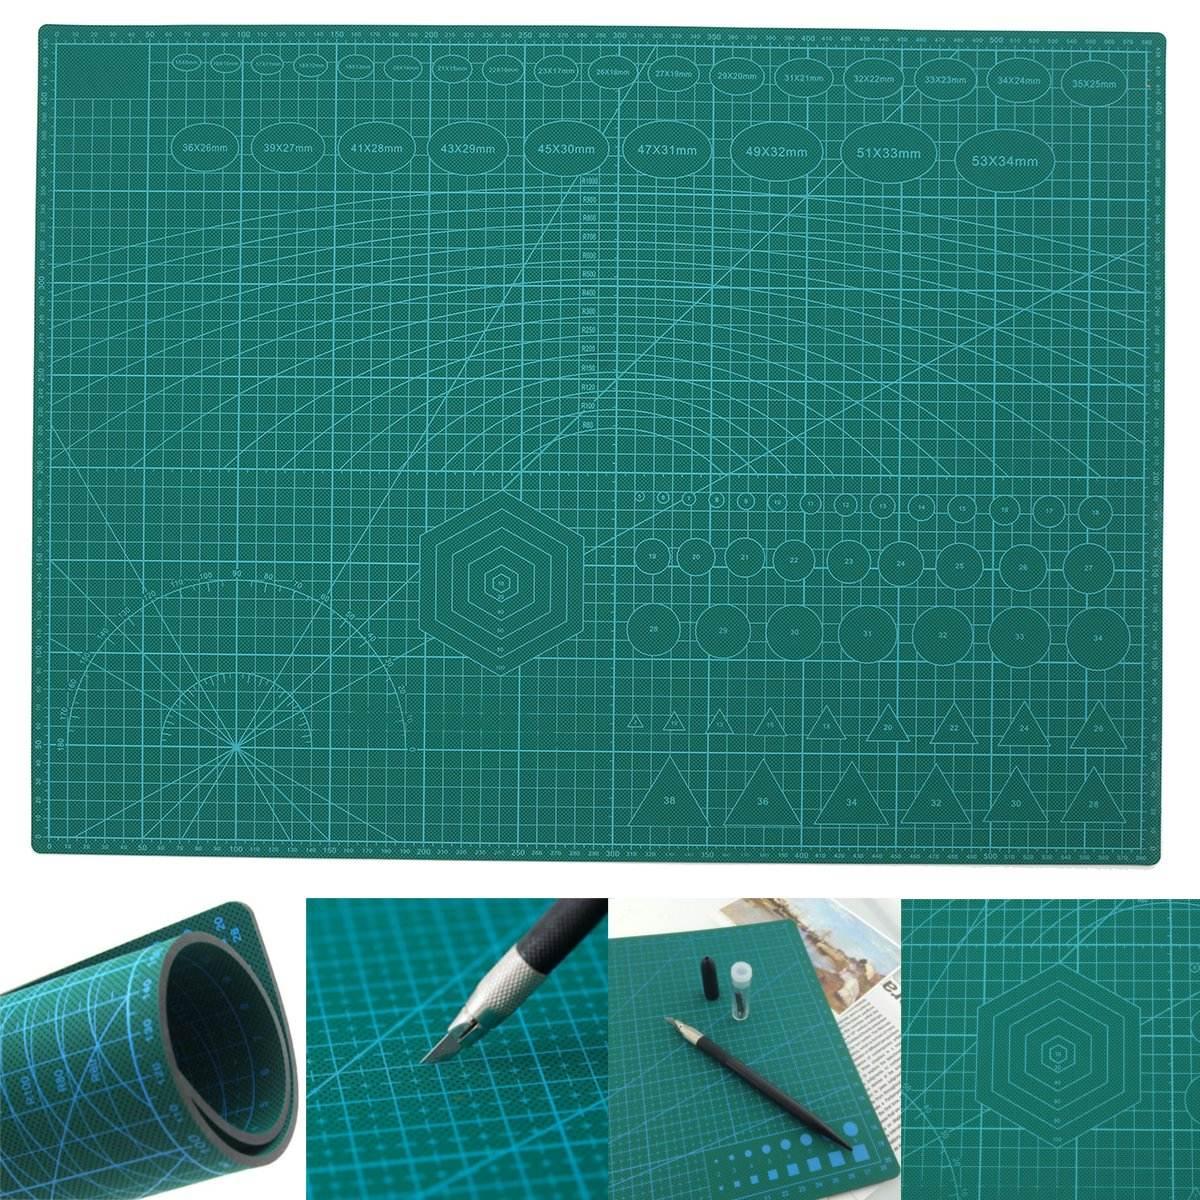 A2 ПВХ коврик для резки Лоскутная двойная печать самоисцеляющий коврик для резки ремесло Квилтинг, скрапбукинг доска 45X60CM 3 мм